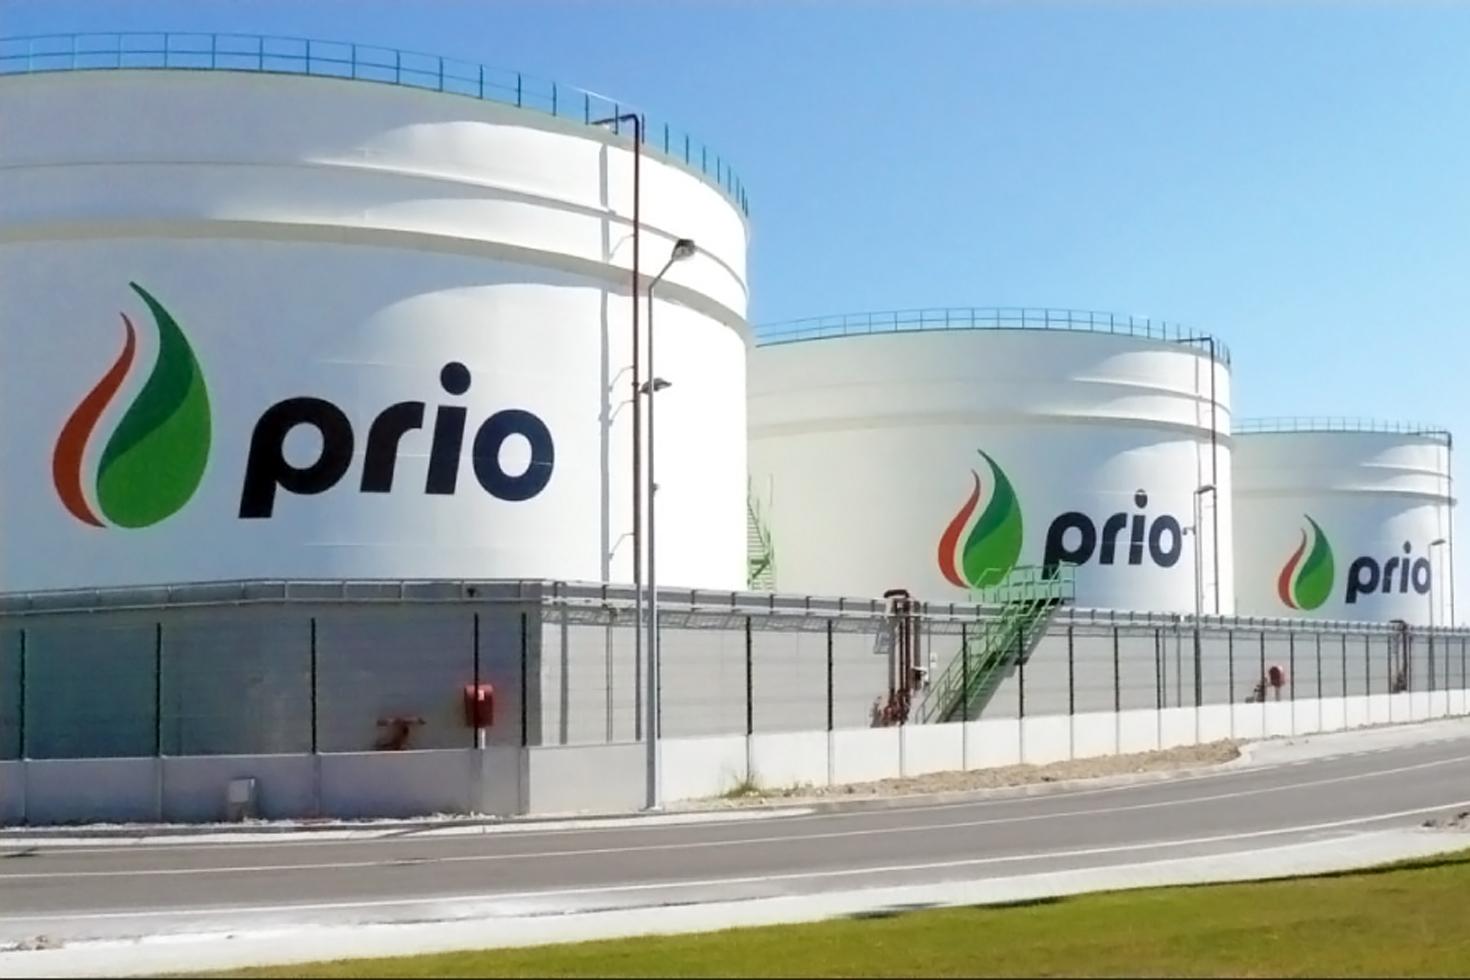 Prio logo on storage tank